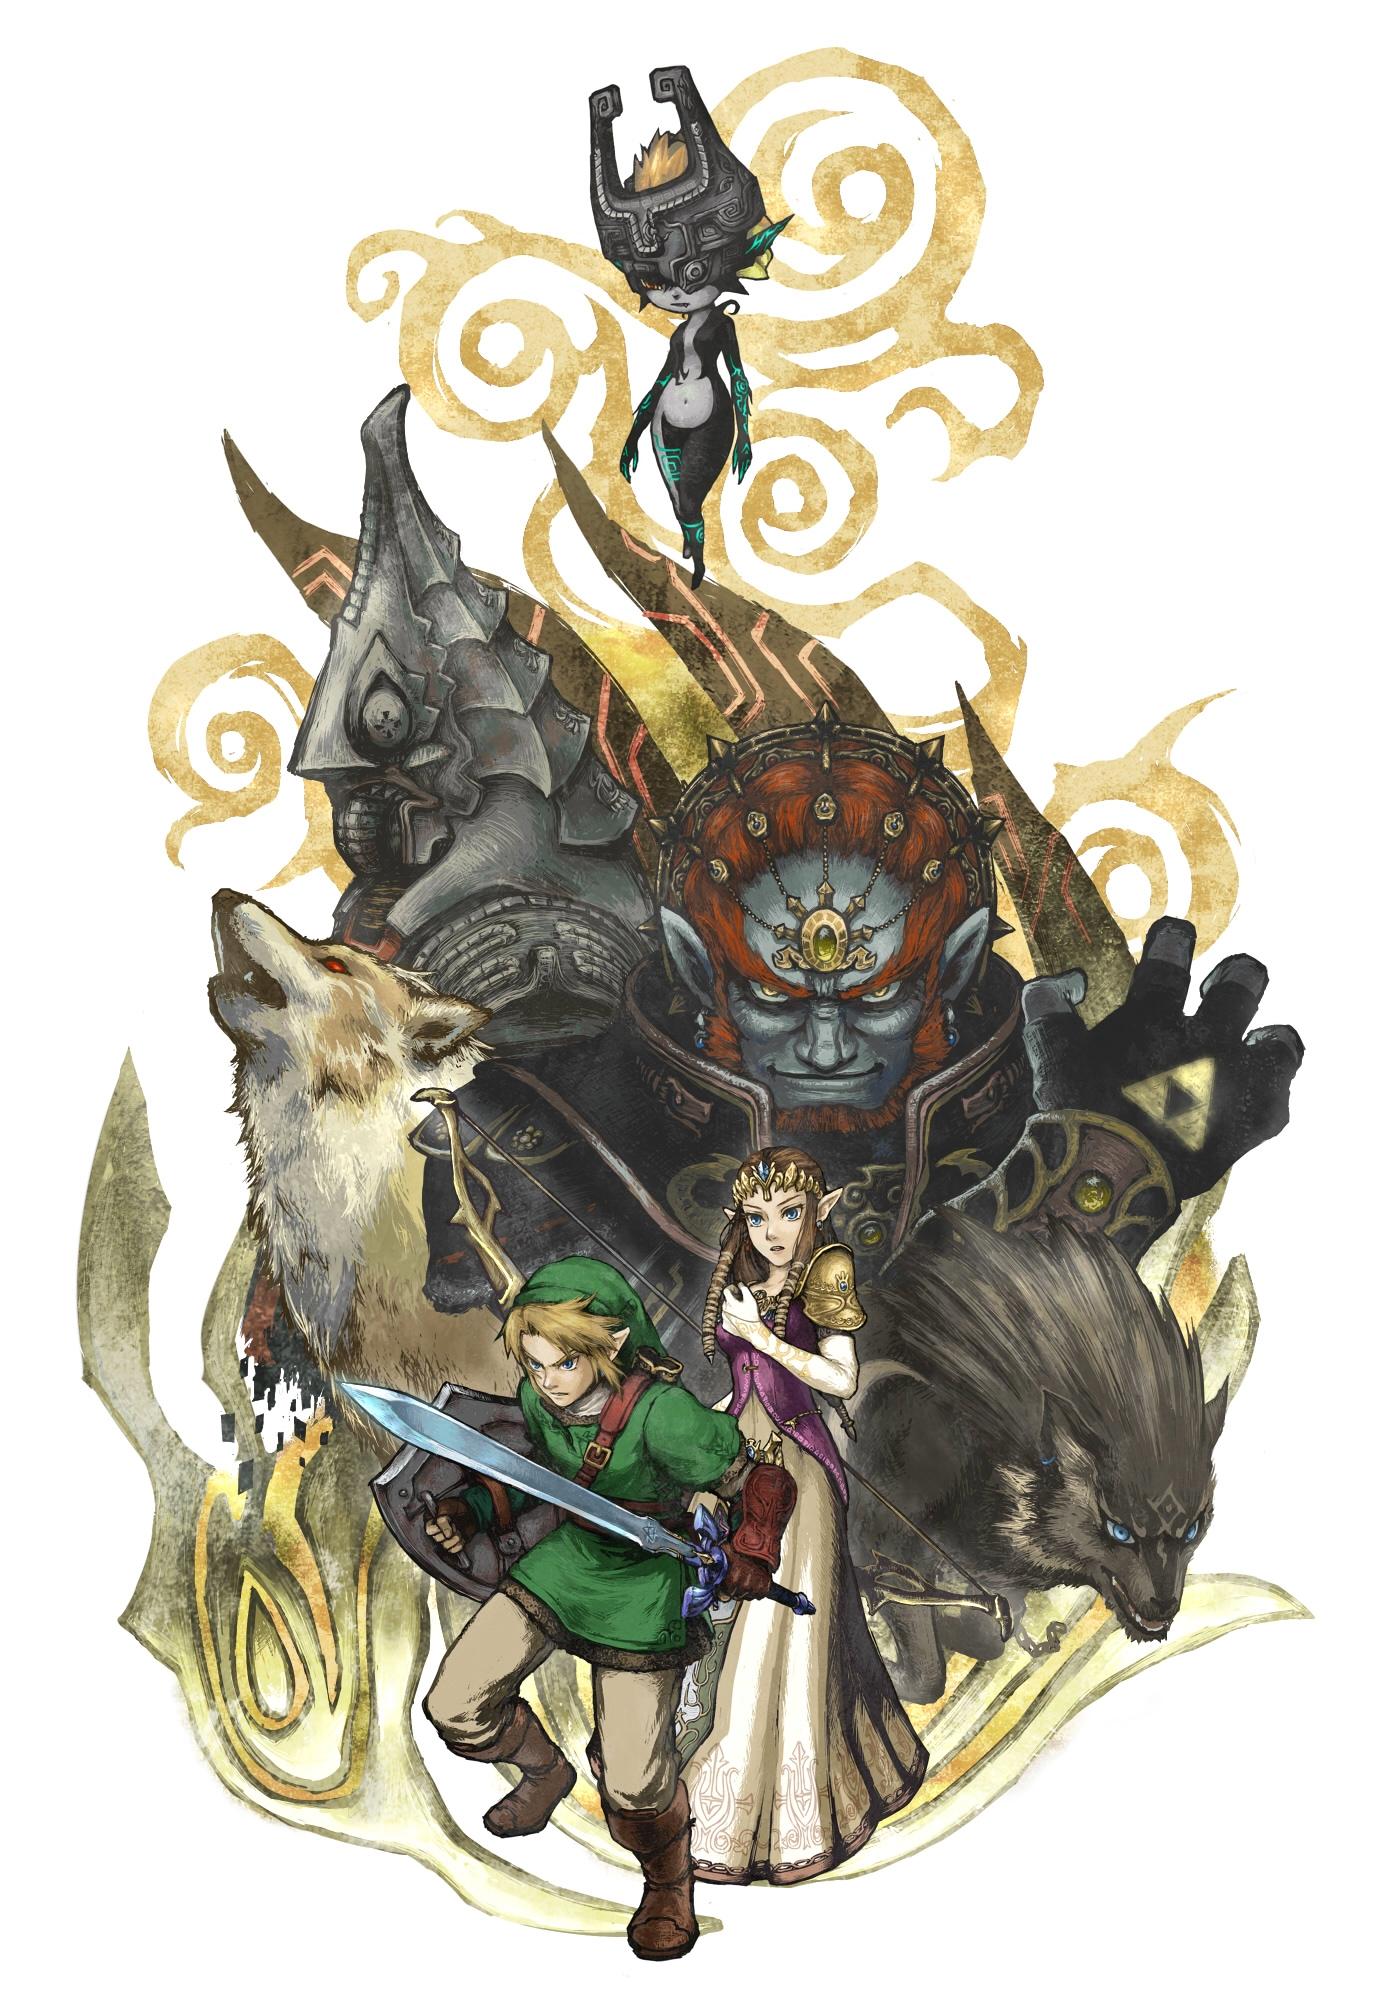 Twilight Princess (Game) - Zelda no Densetsu - Mobile ...